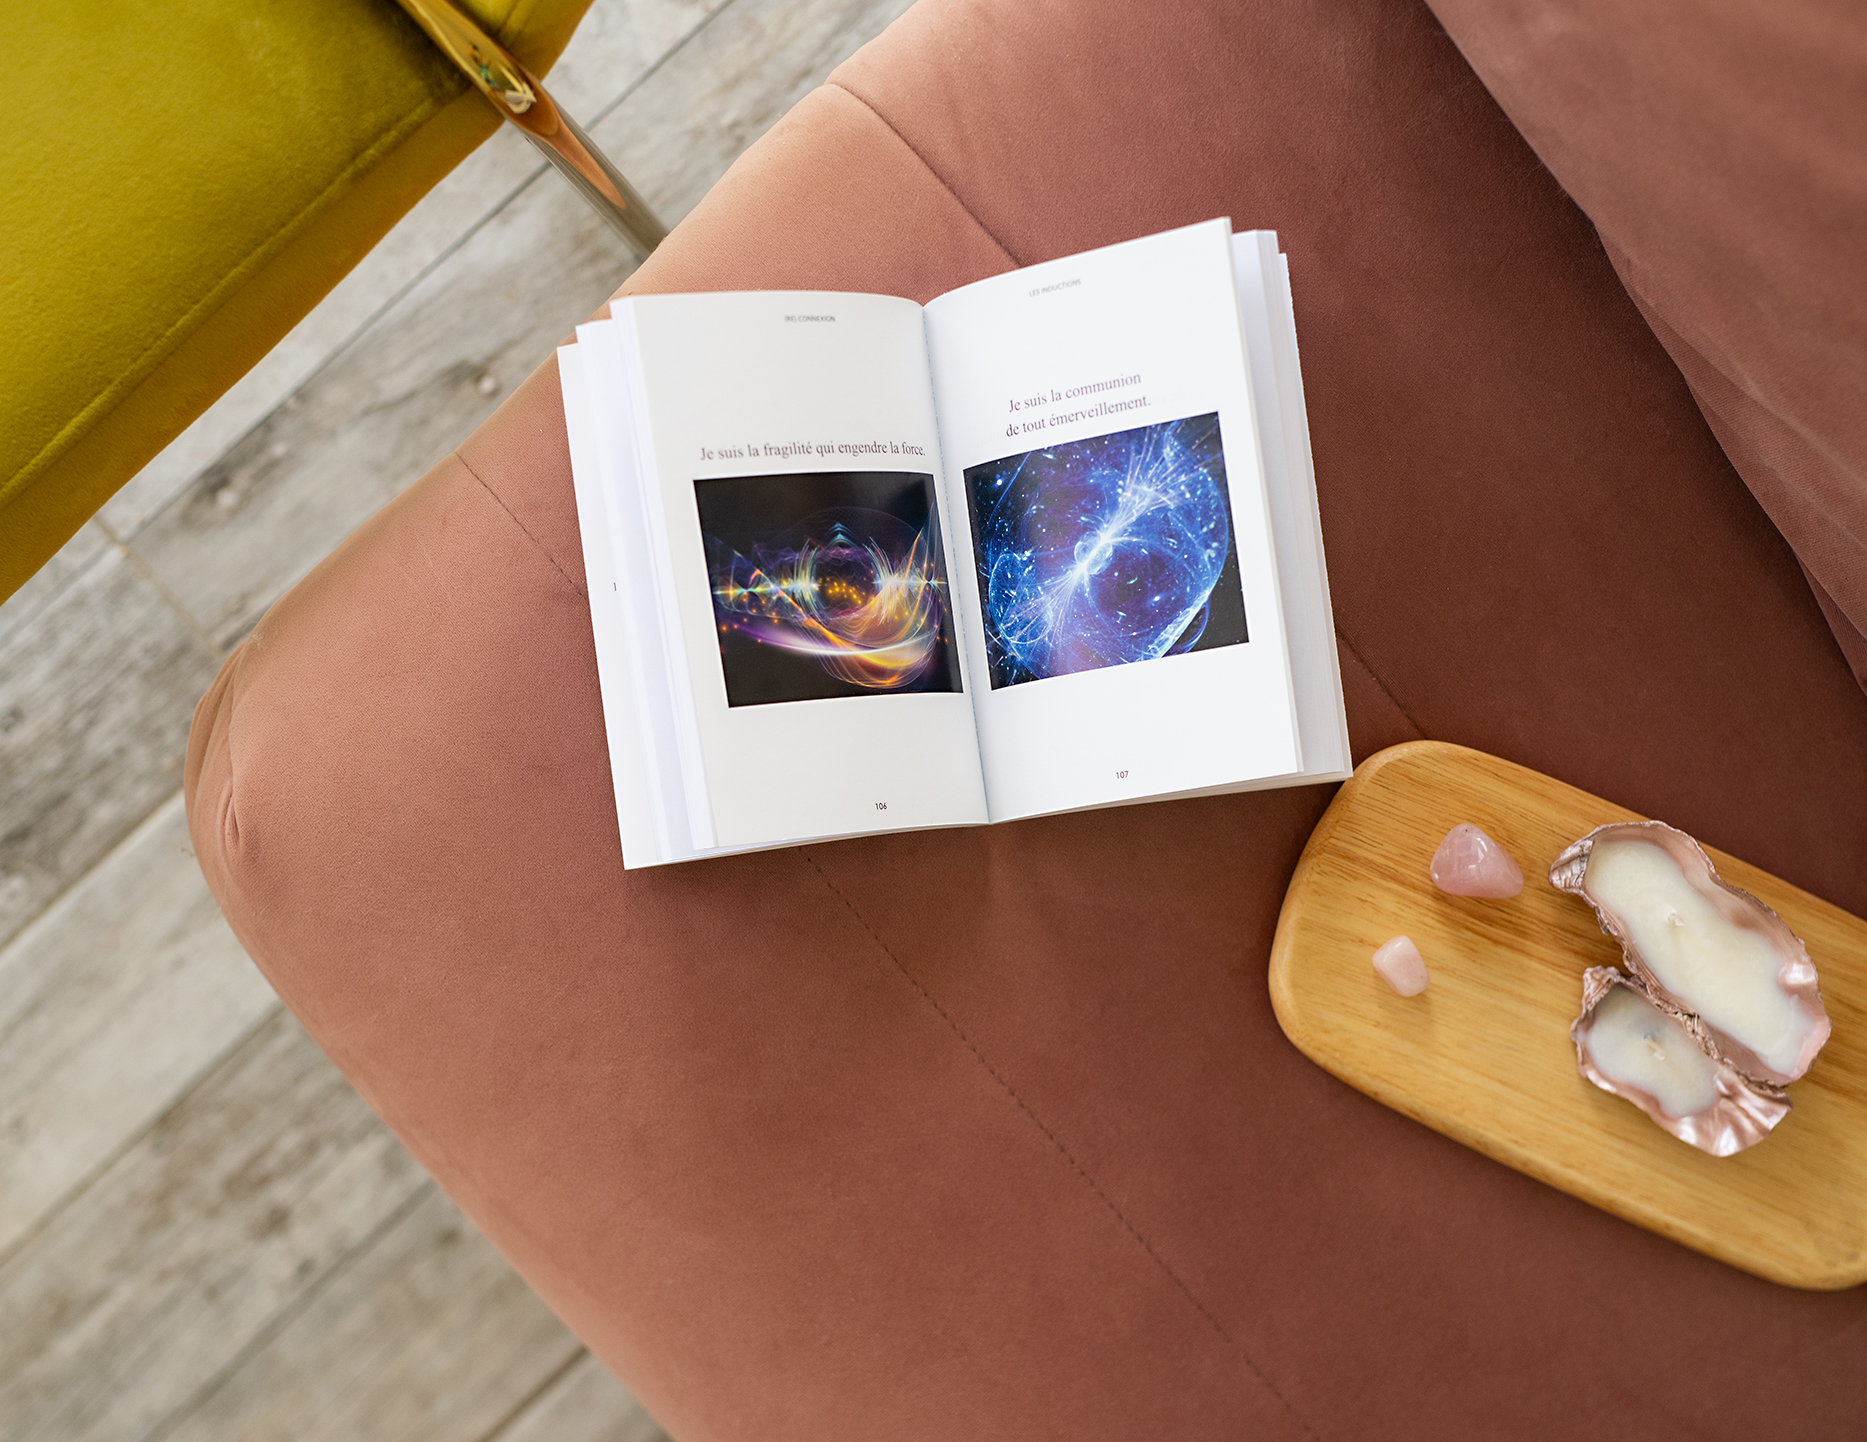 photo, (Re)Connexion, interieur du livre, lecture, livre, Sandra Dania, éditions Leduc, Leduc Eso, ésotérisme, guide d'éveil